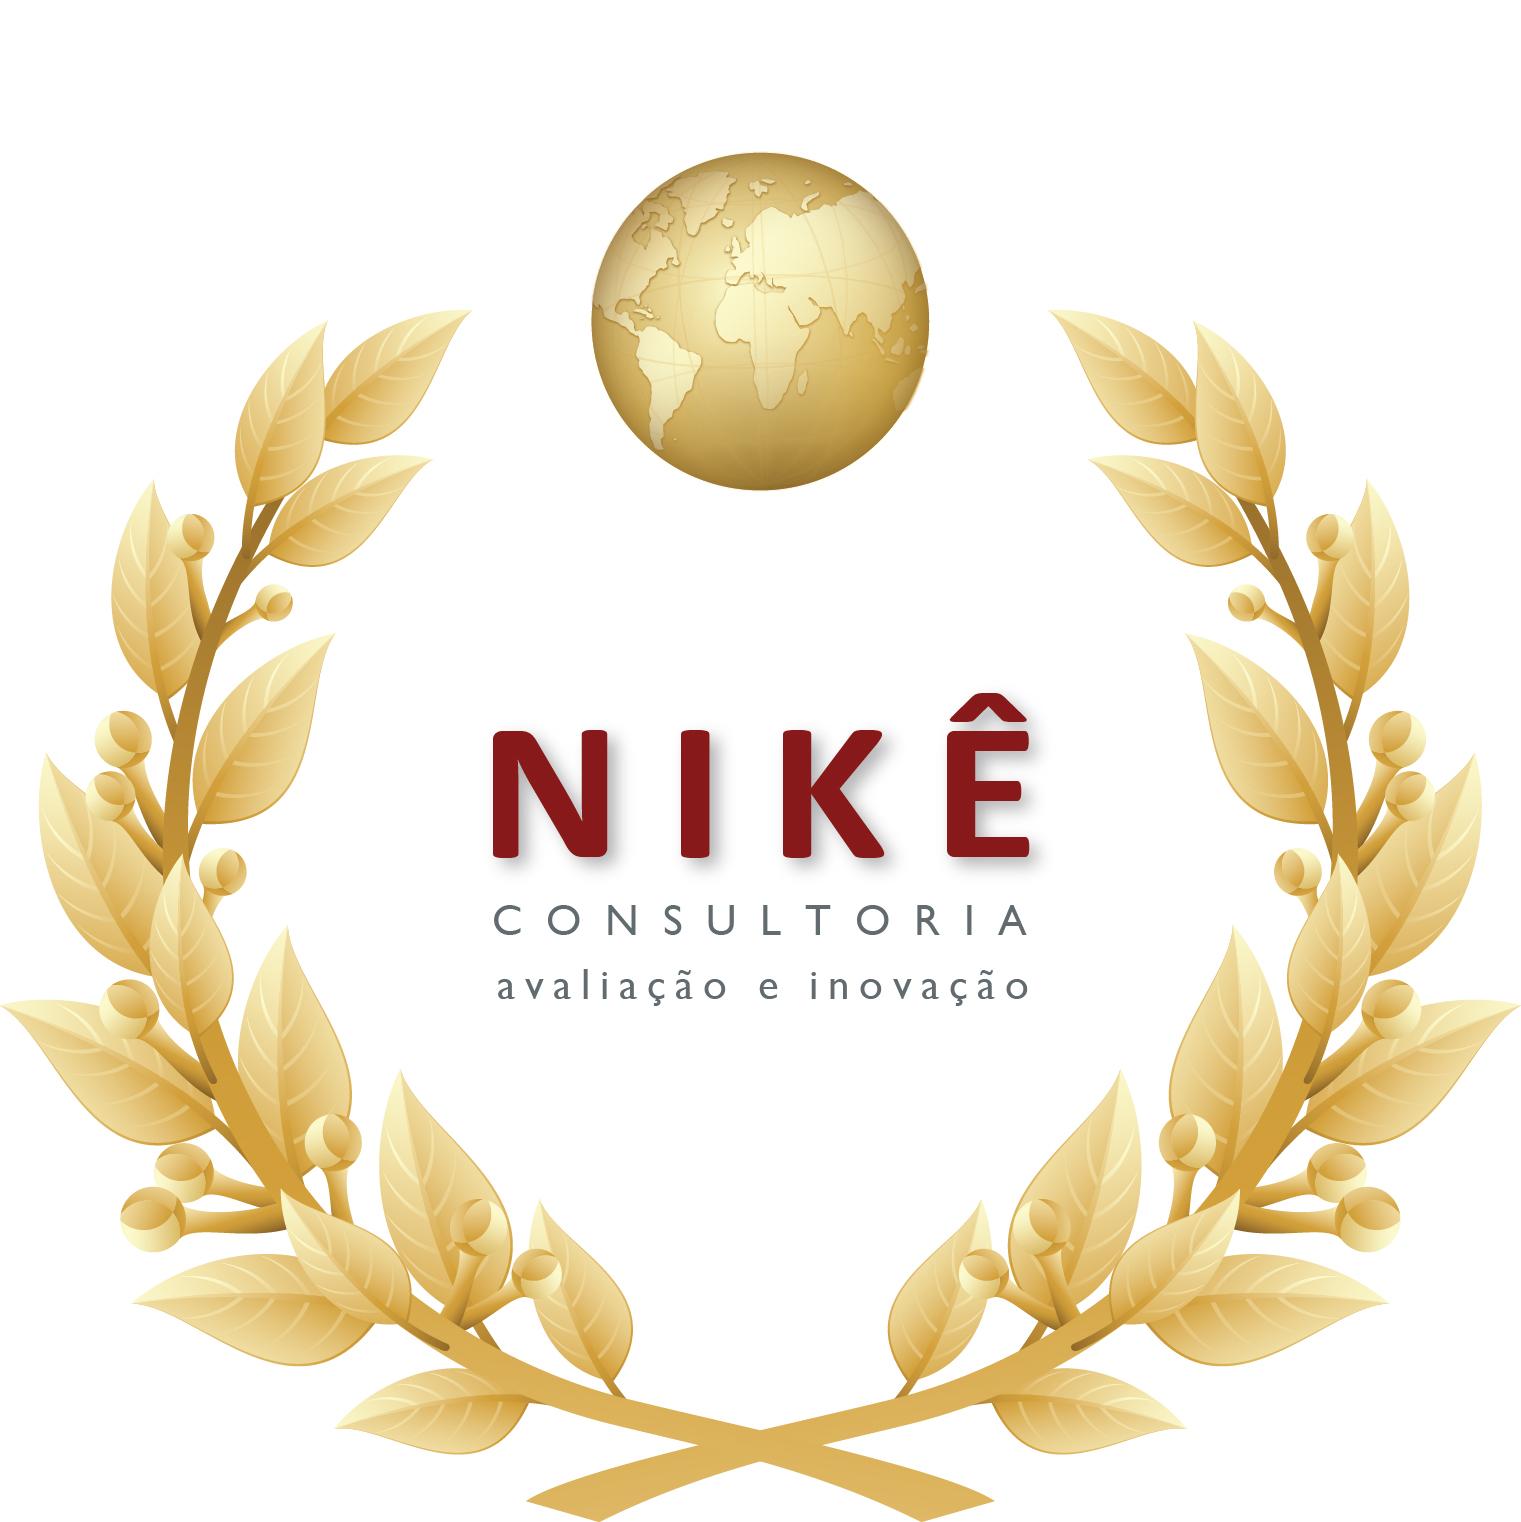 Nikê Consultoria